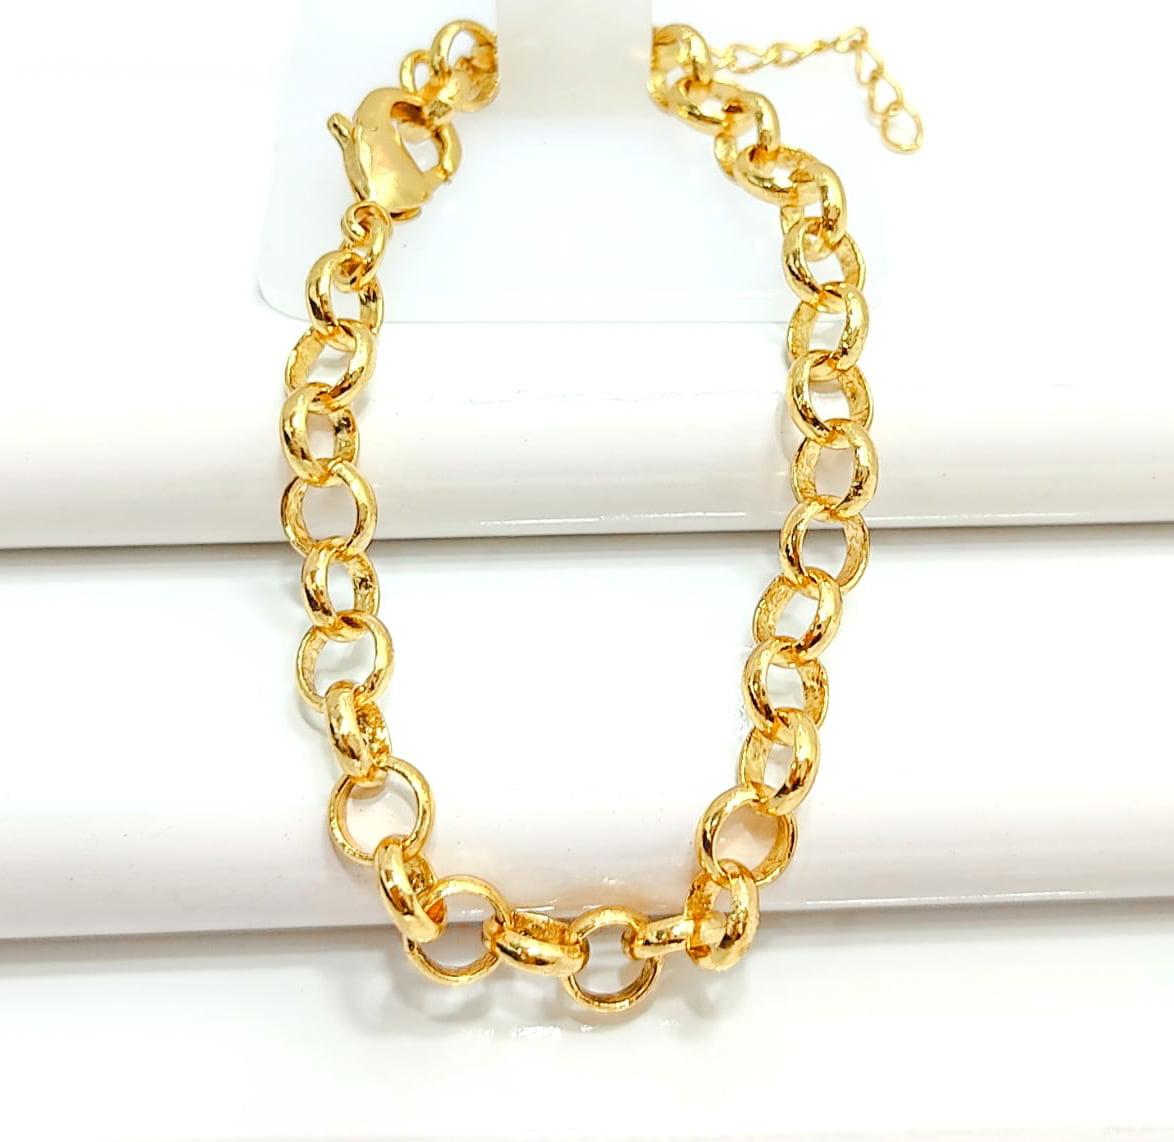 Pulseira Banhado a Ouro Rafalu (17.5 cm + extensor)  - PUL0009D1